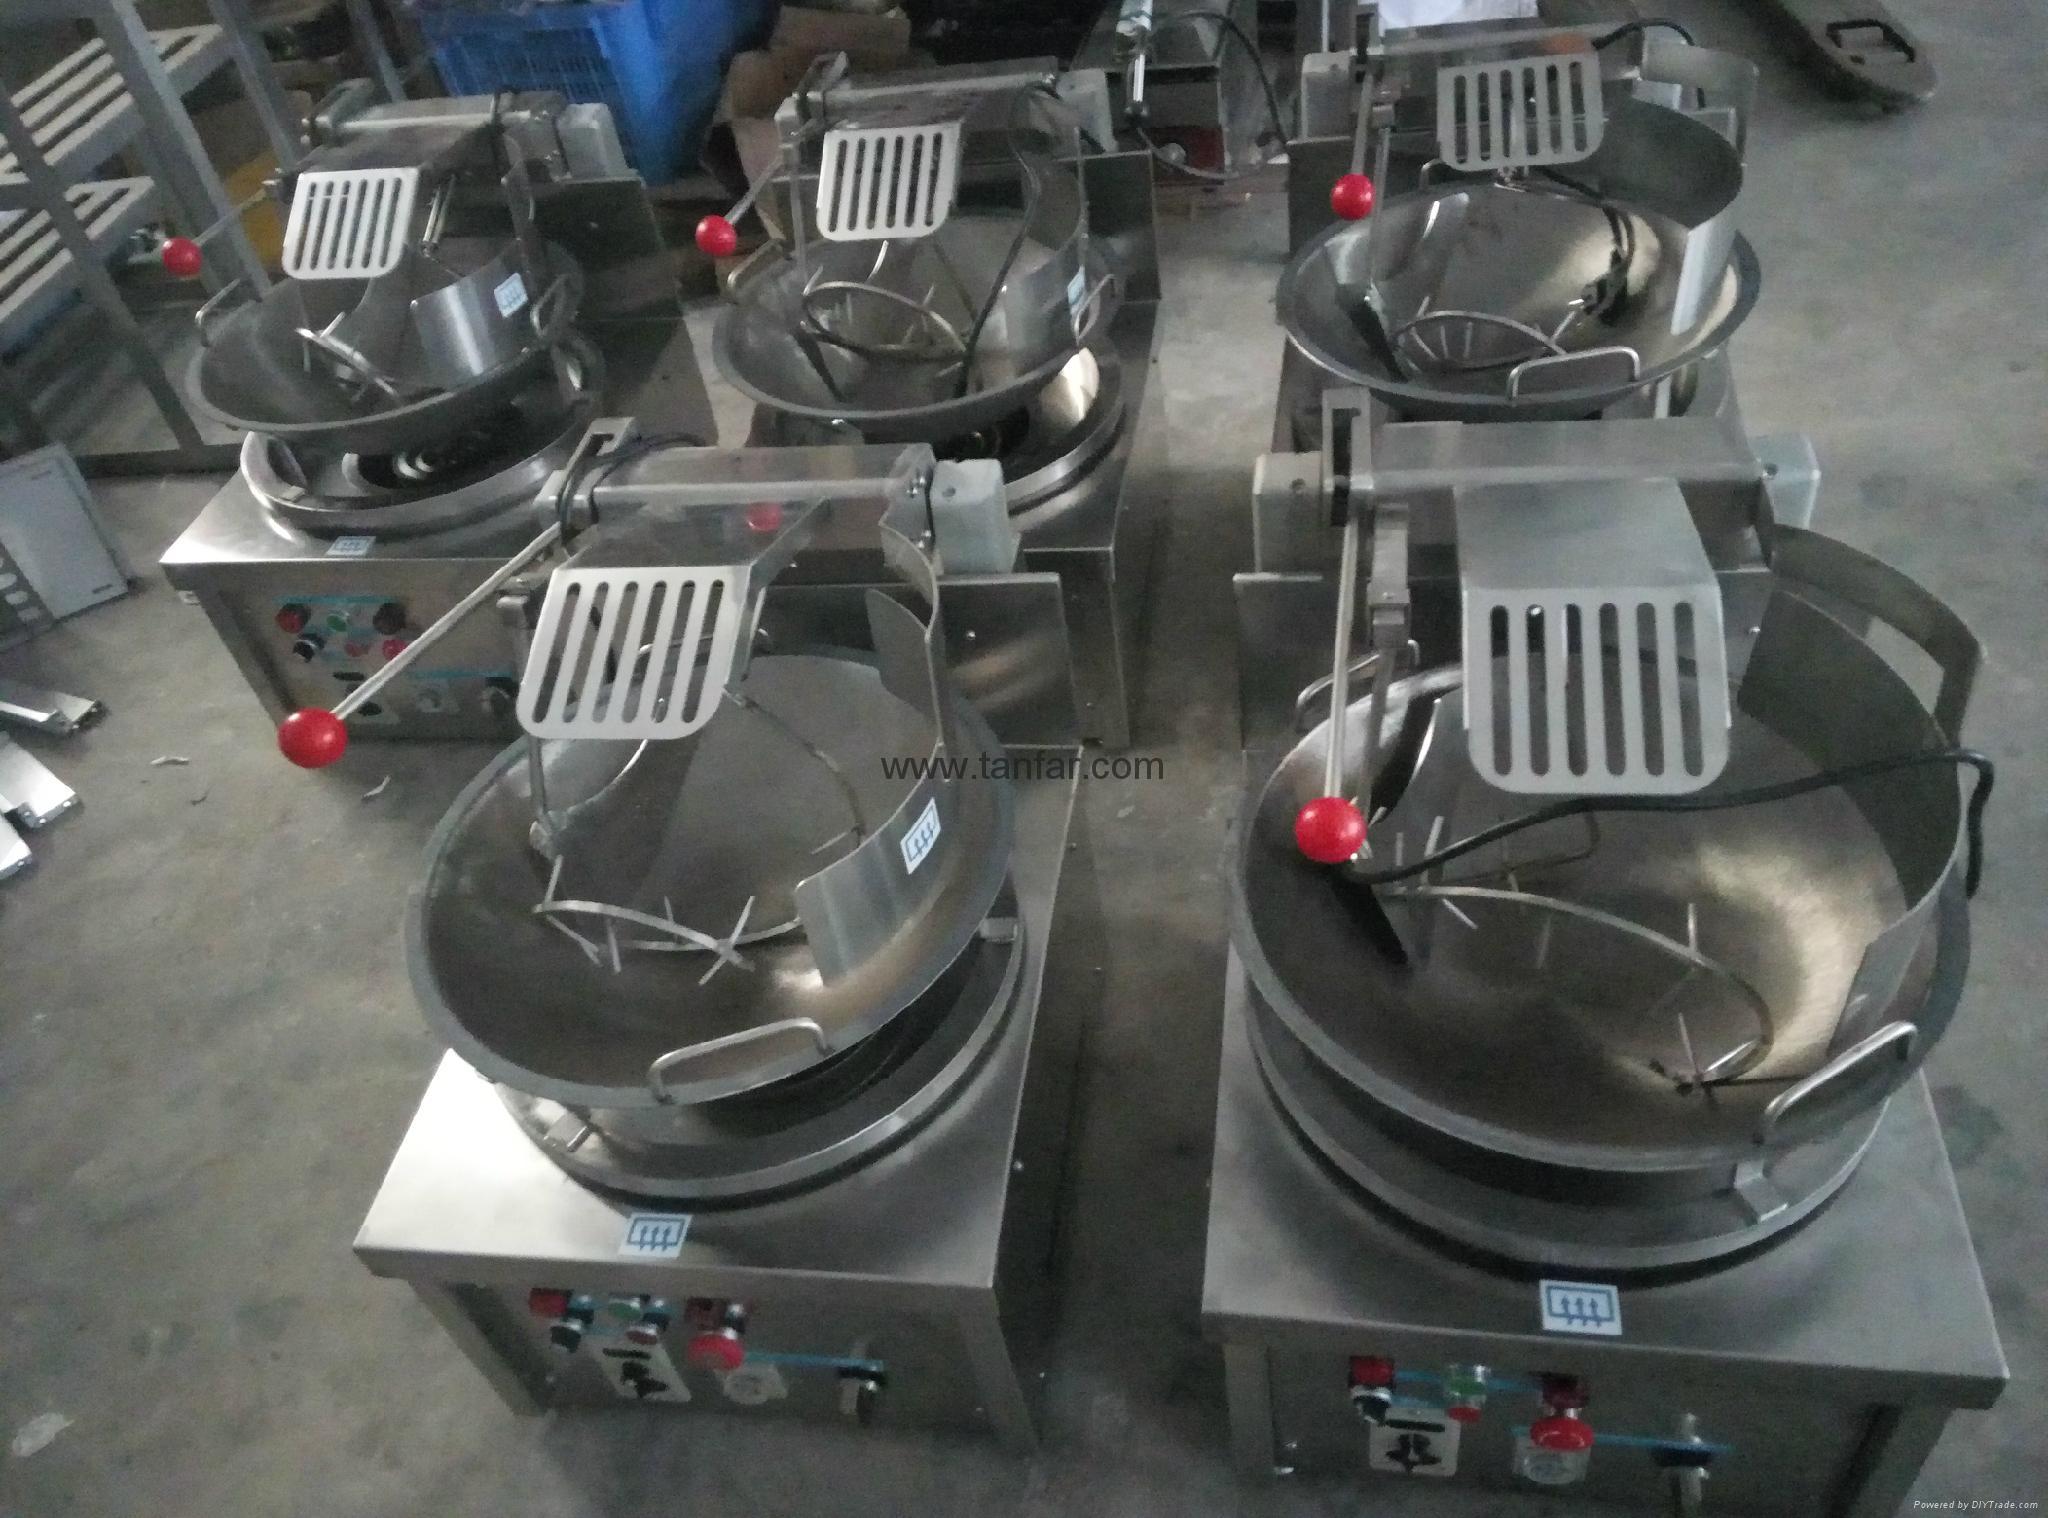 Small Size Dumpling Making Machine 15